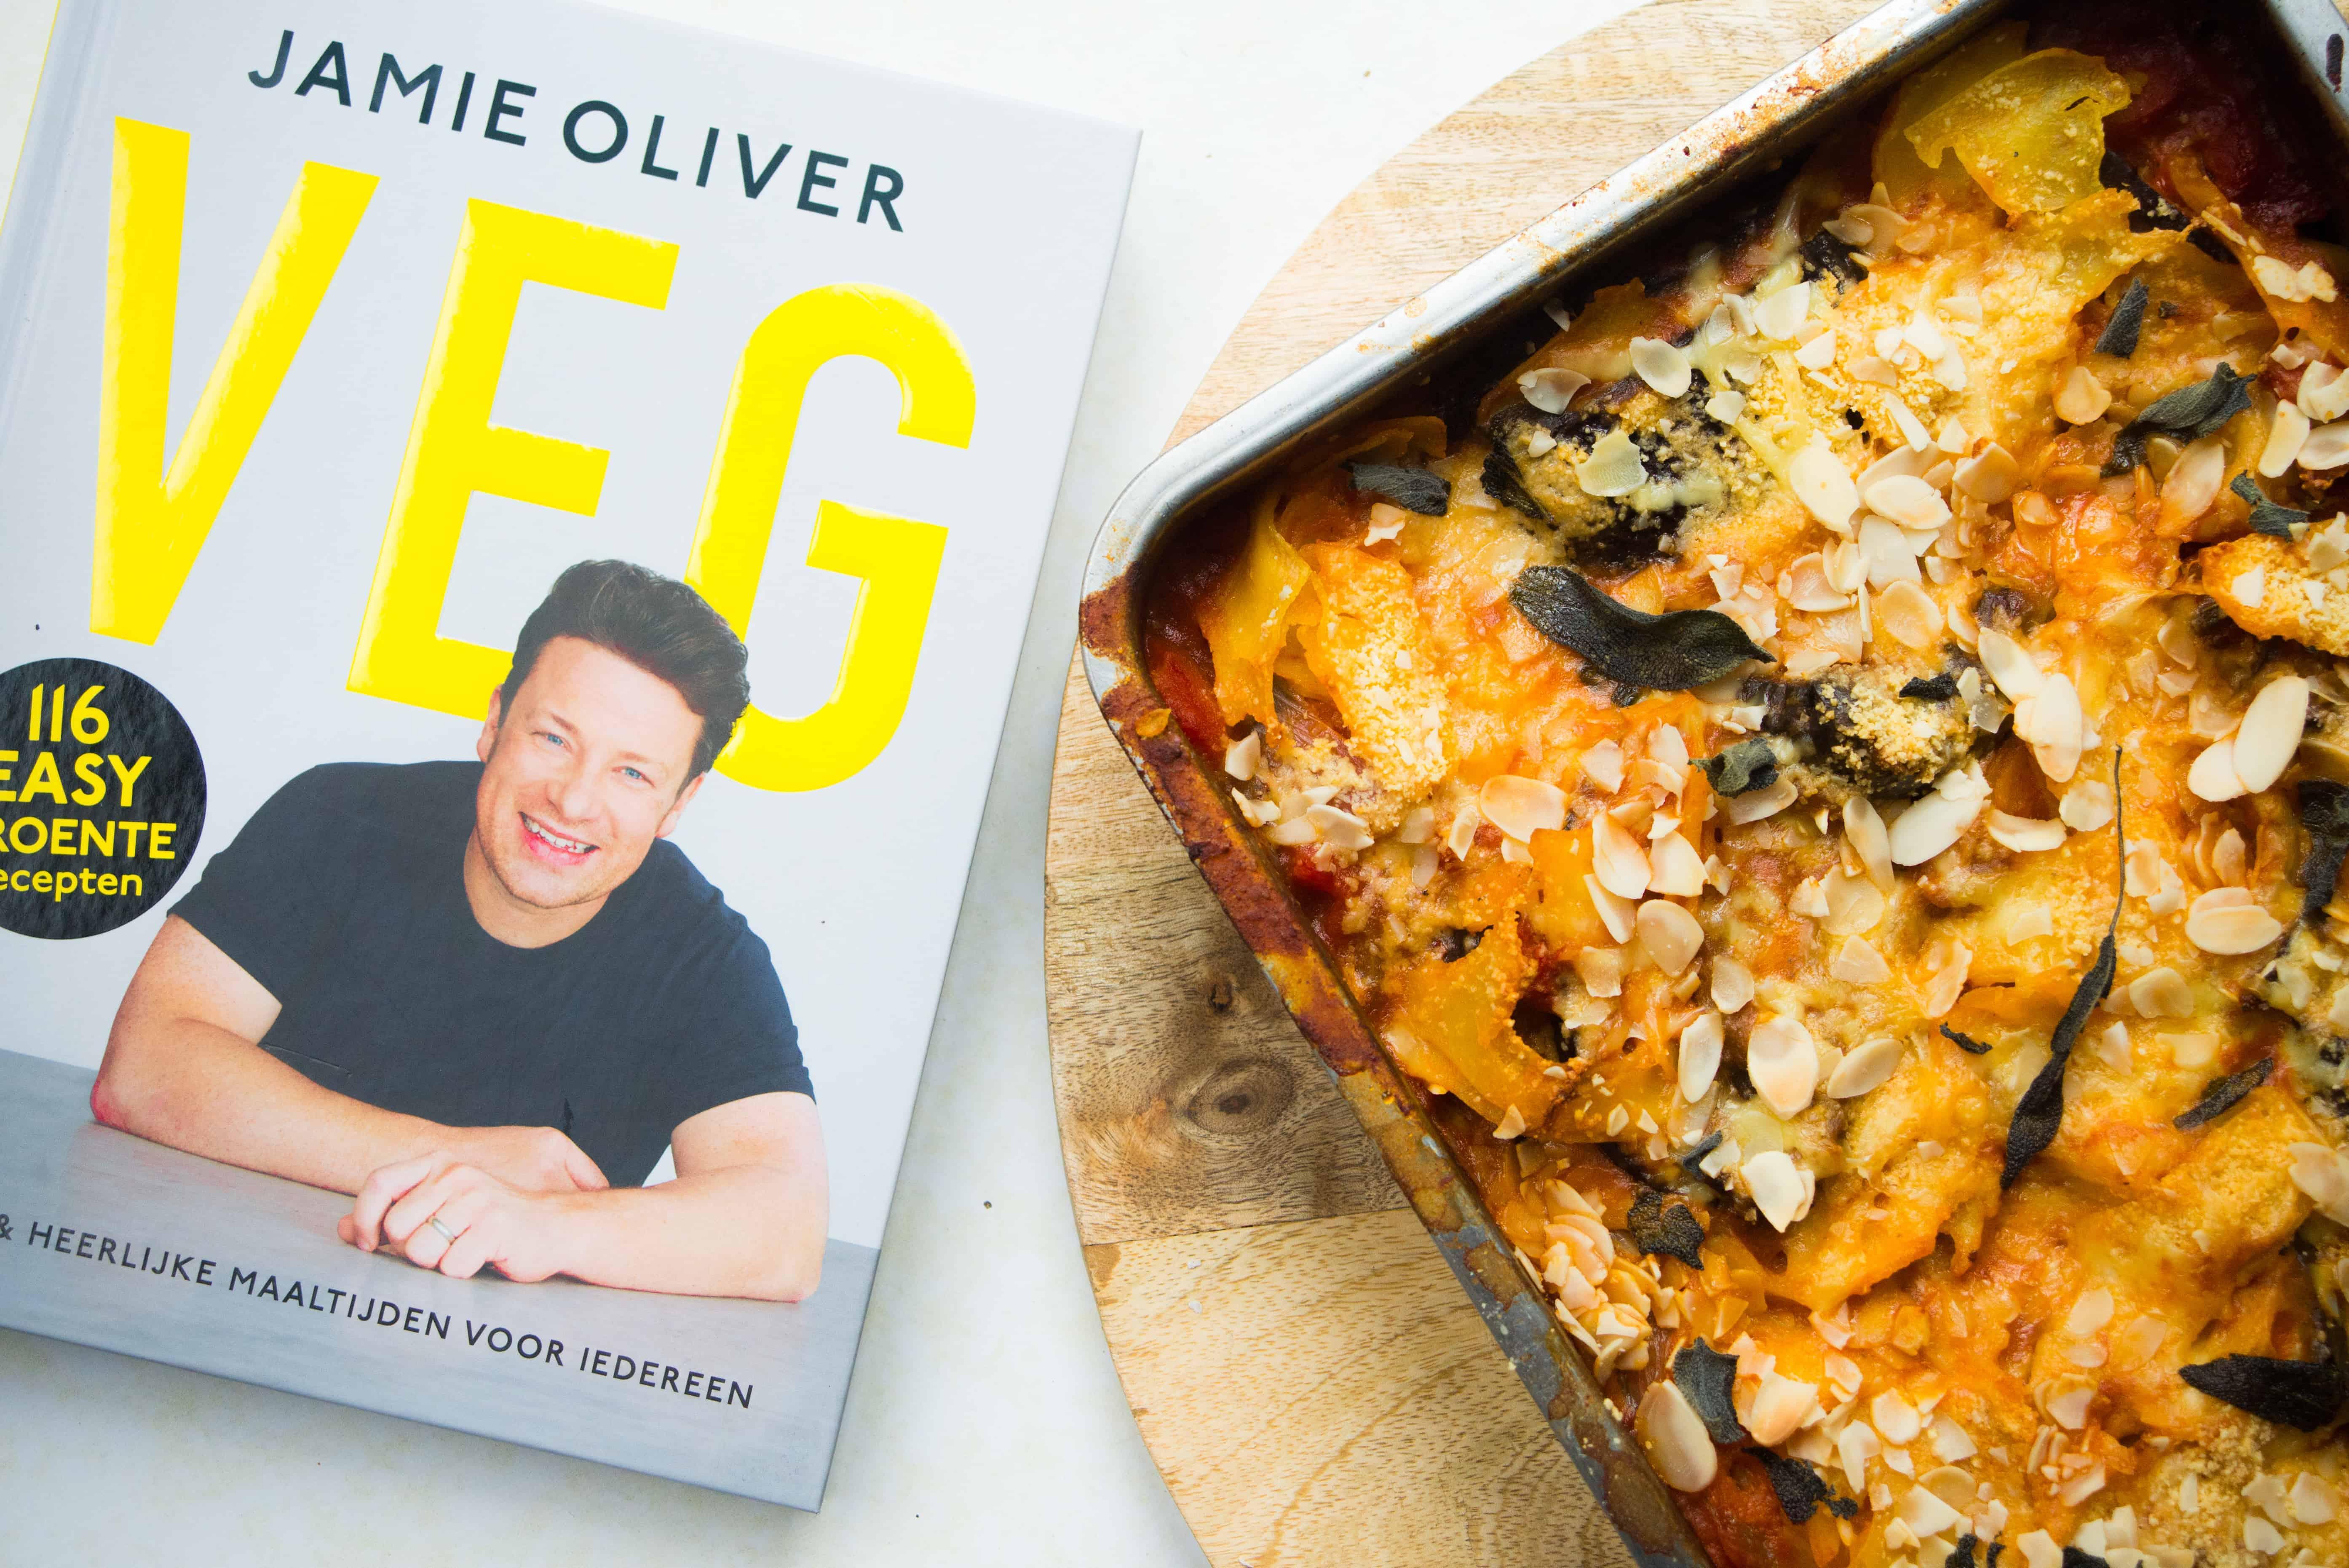 vegetarische lasagne met aubergine, vegetarische, Jamie Oliver, VEG, aubergine